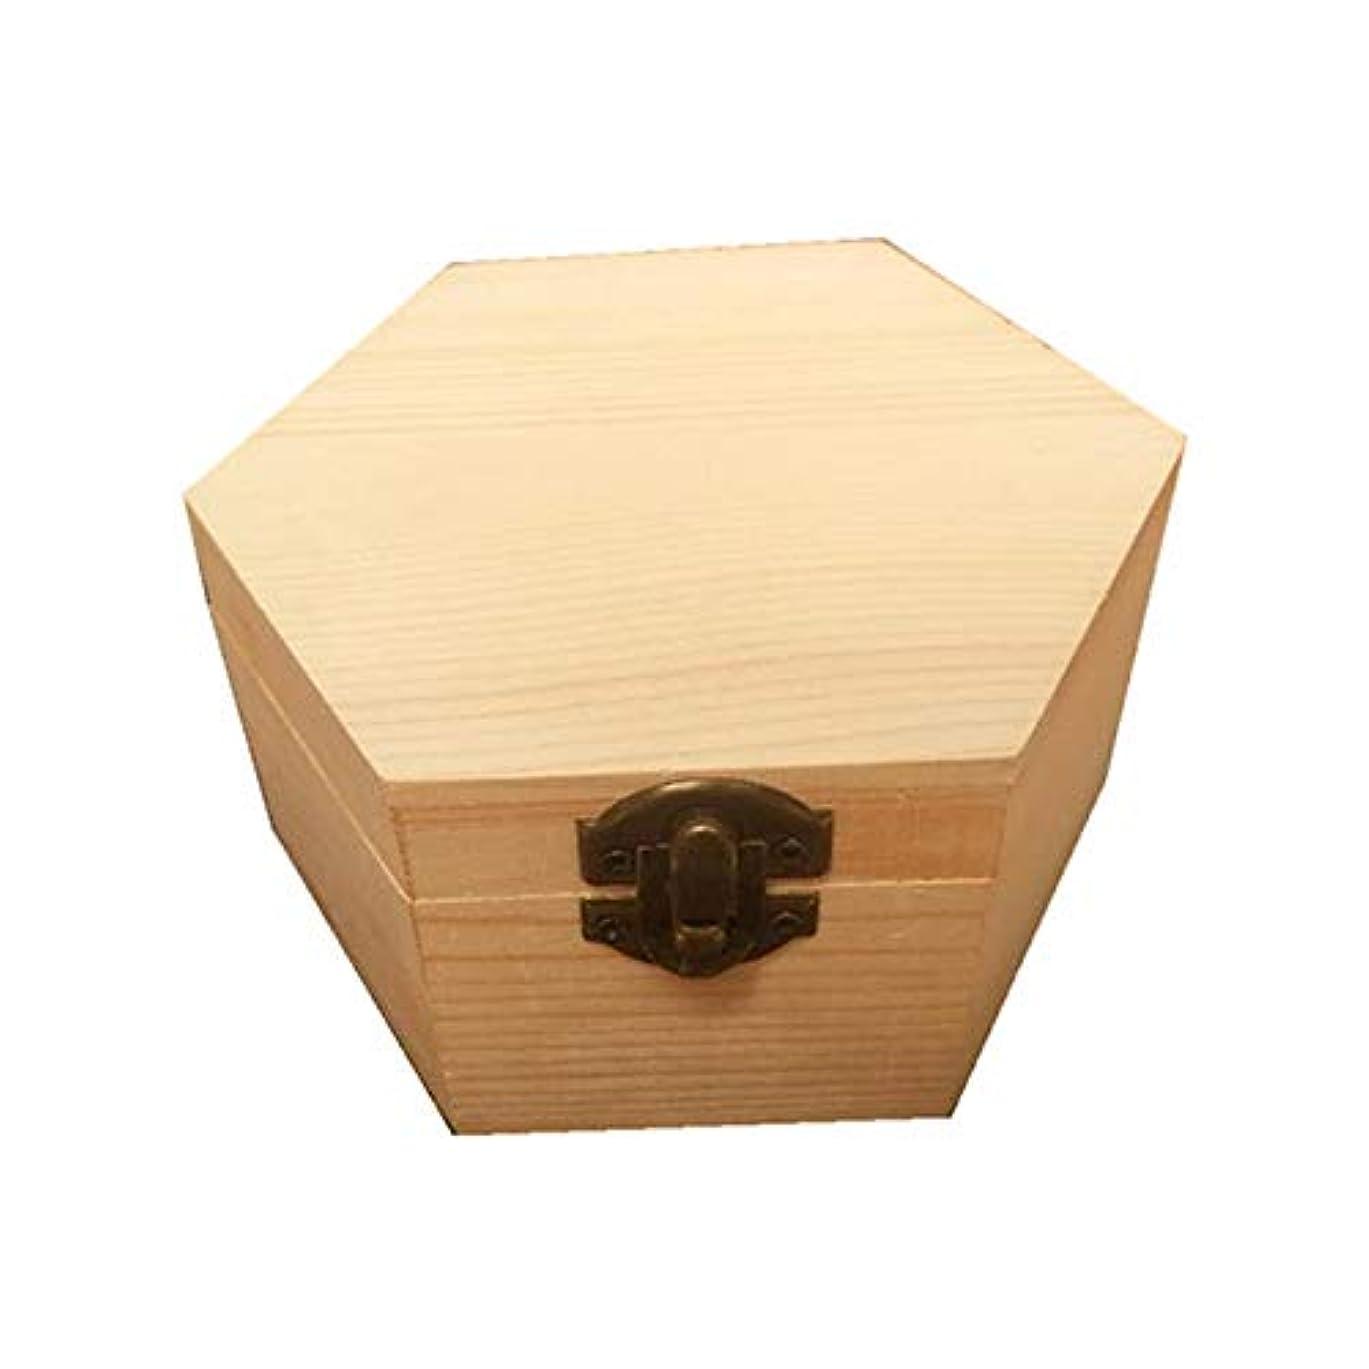 特派員贅沢なパーク手作りの木製ギフトボックスパーフェクトエッセンシャルオイルケースにエッセンシャルオイル アロマセラピー製品 (色 : Natural, サイズ : 13X11.3X6.8CM)